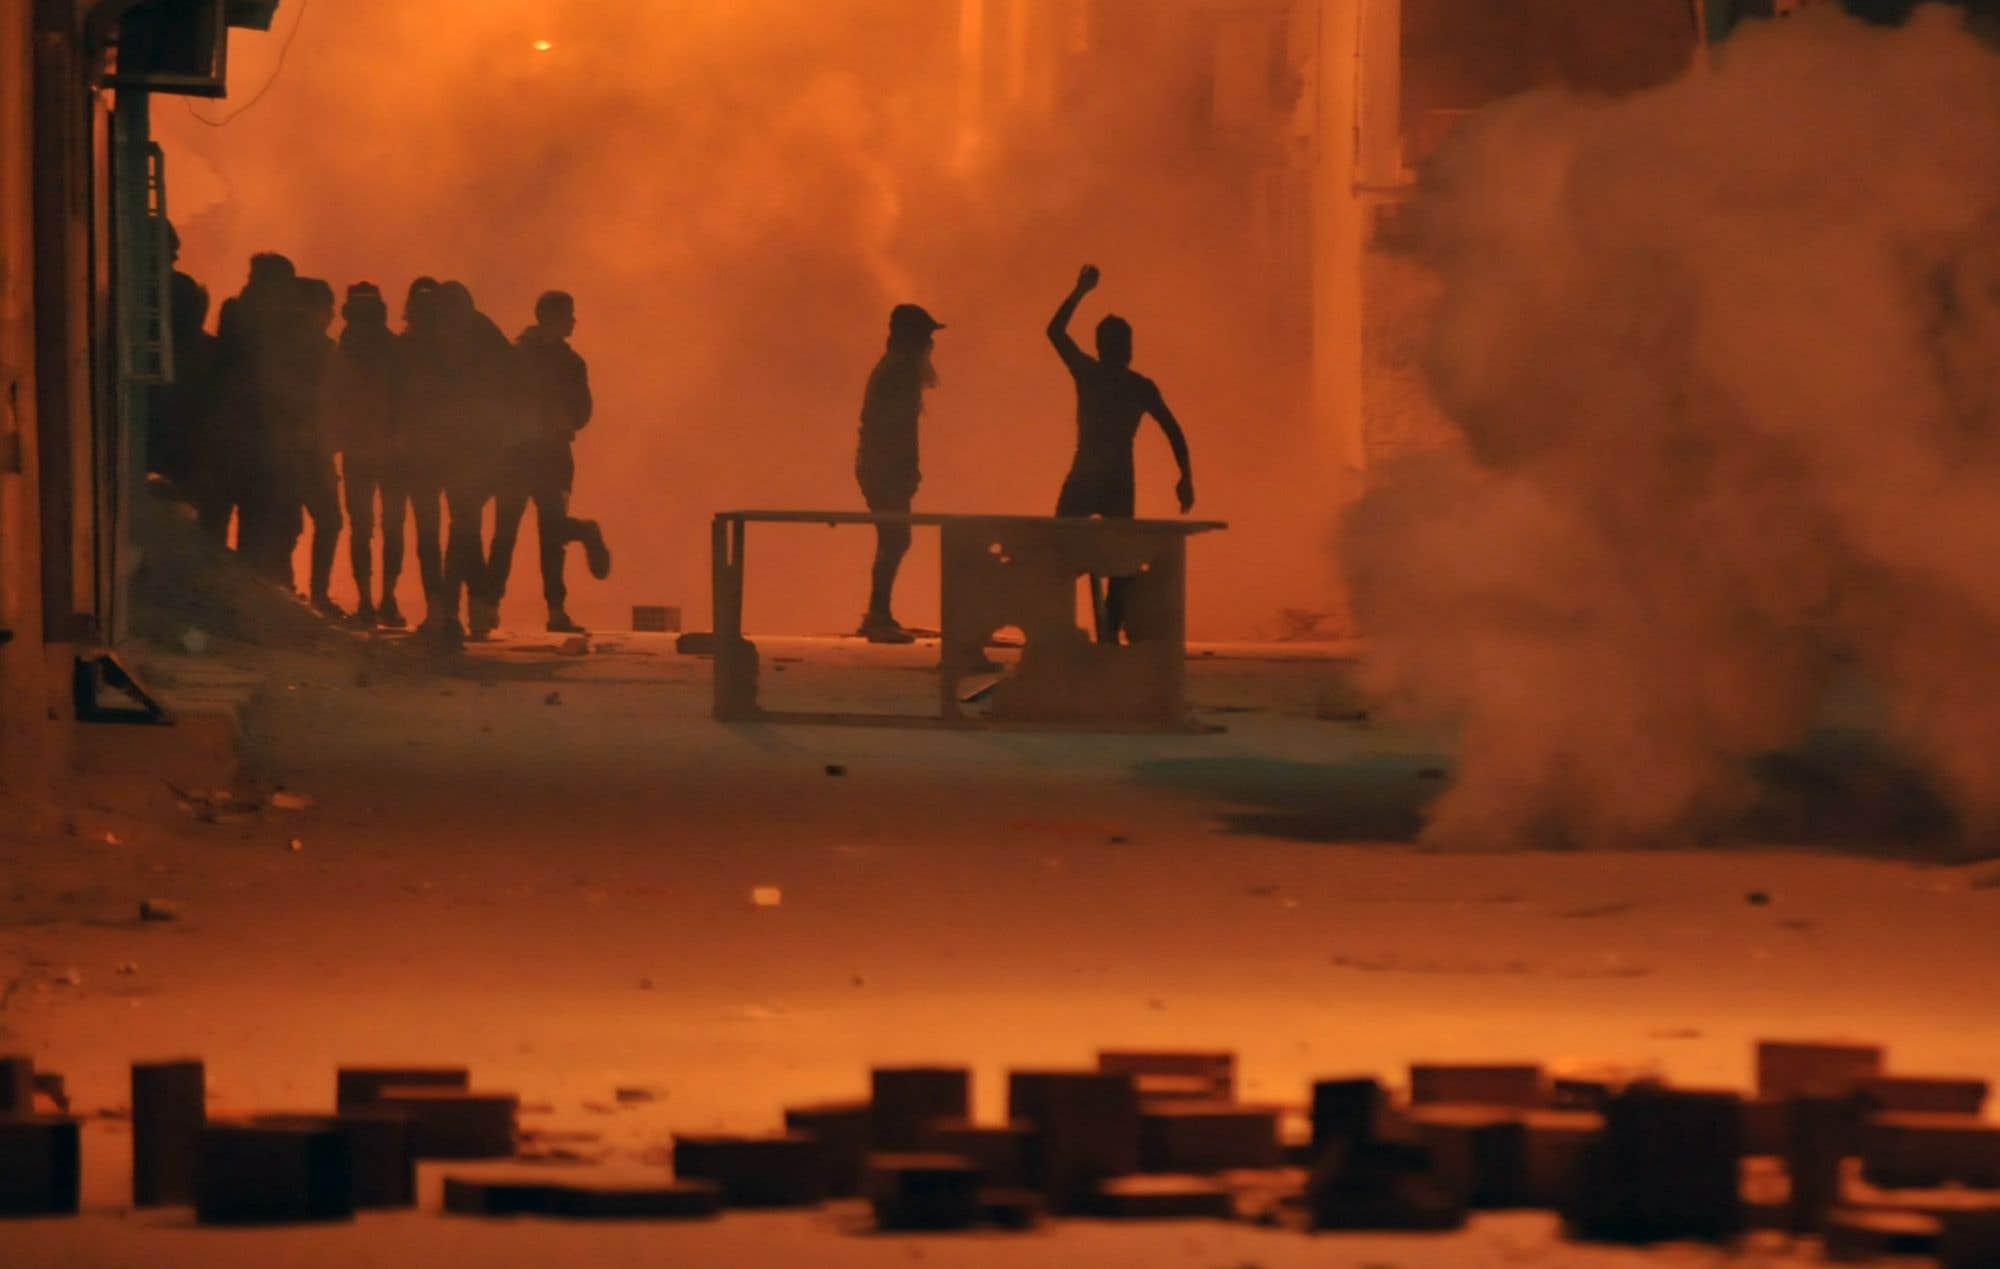 Les manifestants tunisiens ont jeté des pierres sur les forces de sécurité dans le district de Djebel Lahmer, à Tunis. Des échauffourées ont éclaté entre les manifestants et la police tunisienne un jour après la mort d'un homme lors de violentes manifestations contre l'augmentation des coûts et l'austérité du gouvernement. Des centaines de jeunes sont descendus dans les rues de Tebourba, à l'ouest de Tunis, jetant des pierres sur les forces de sécurité qui ont riposté en tirant du gaz lacrymogène.